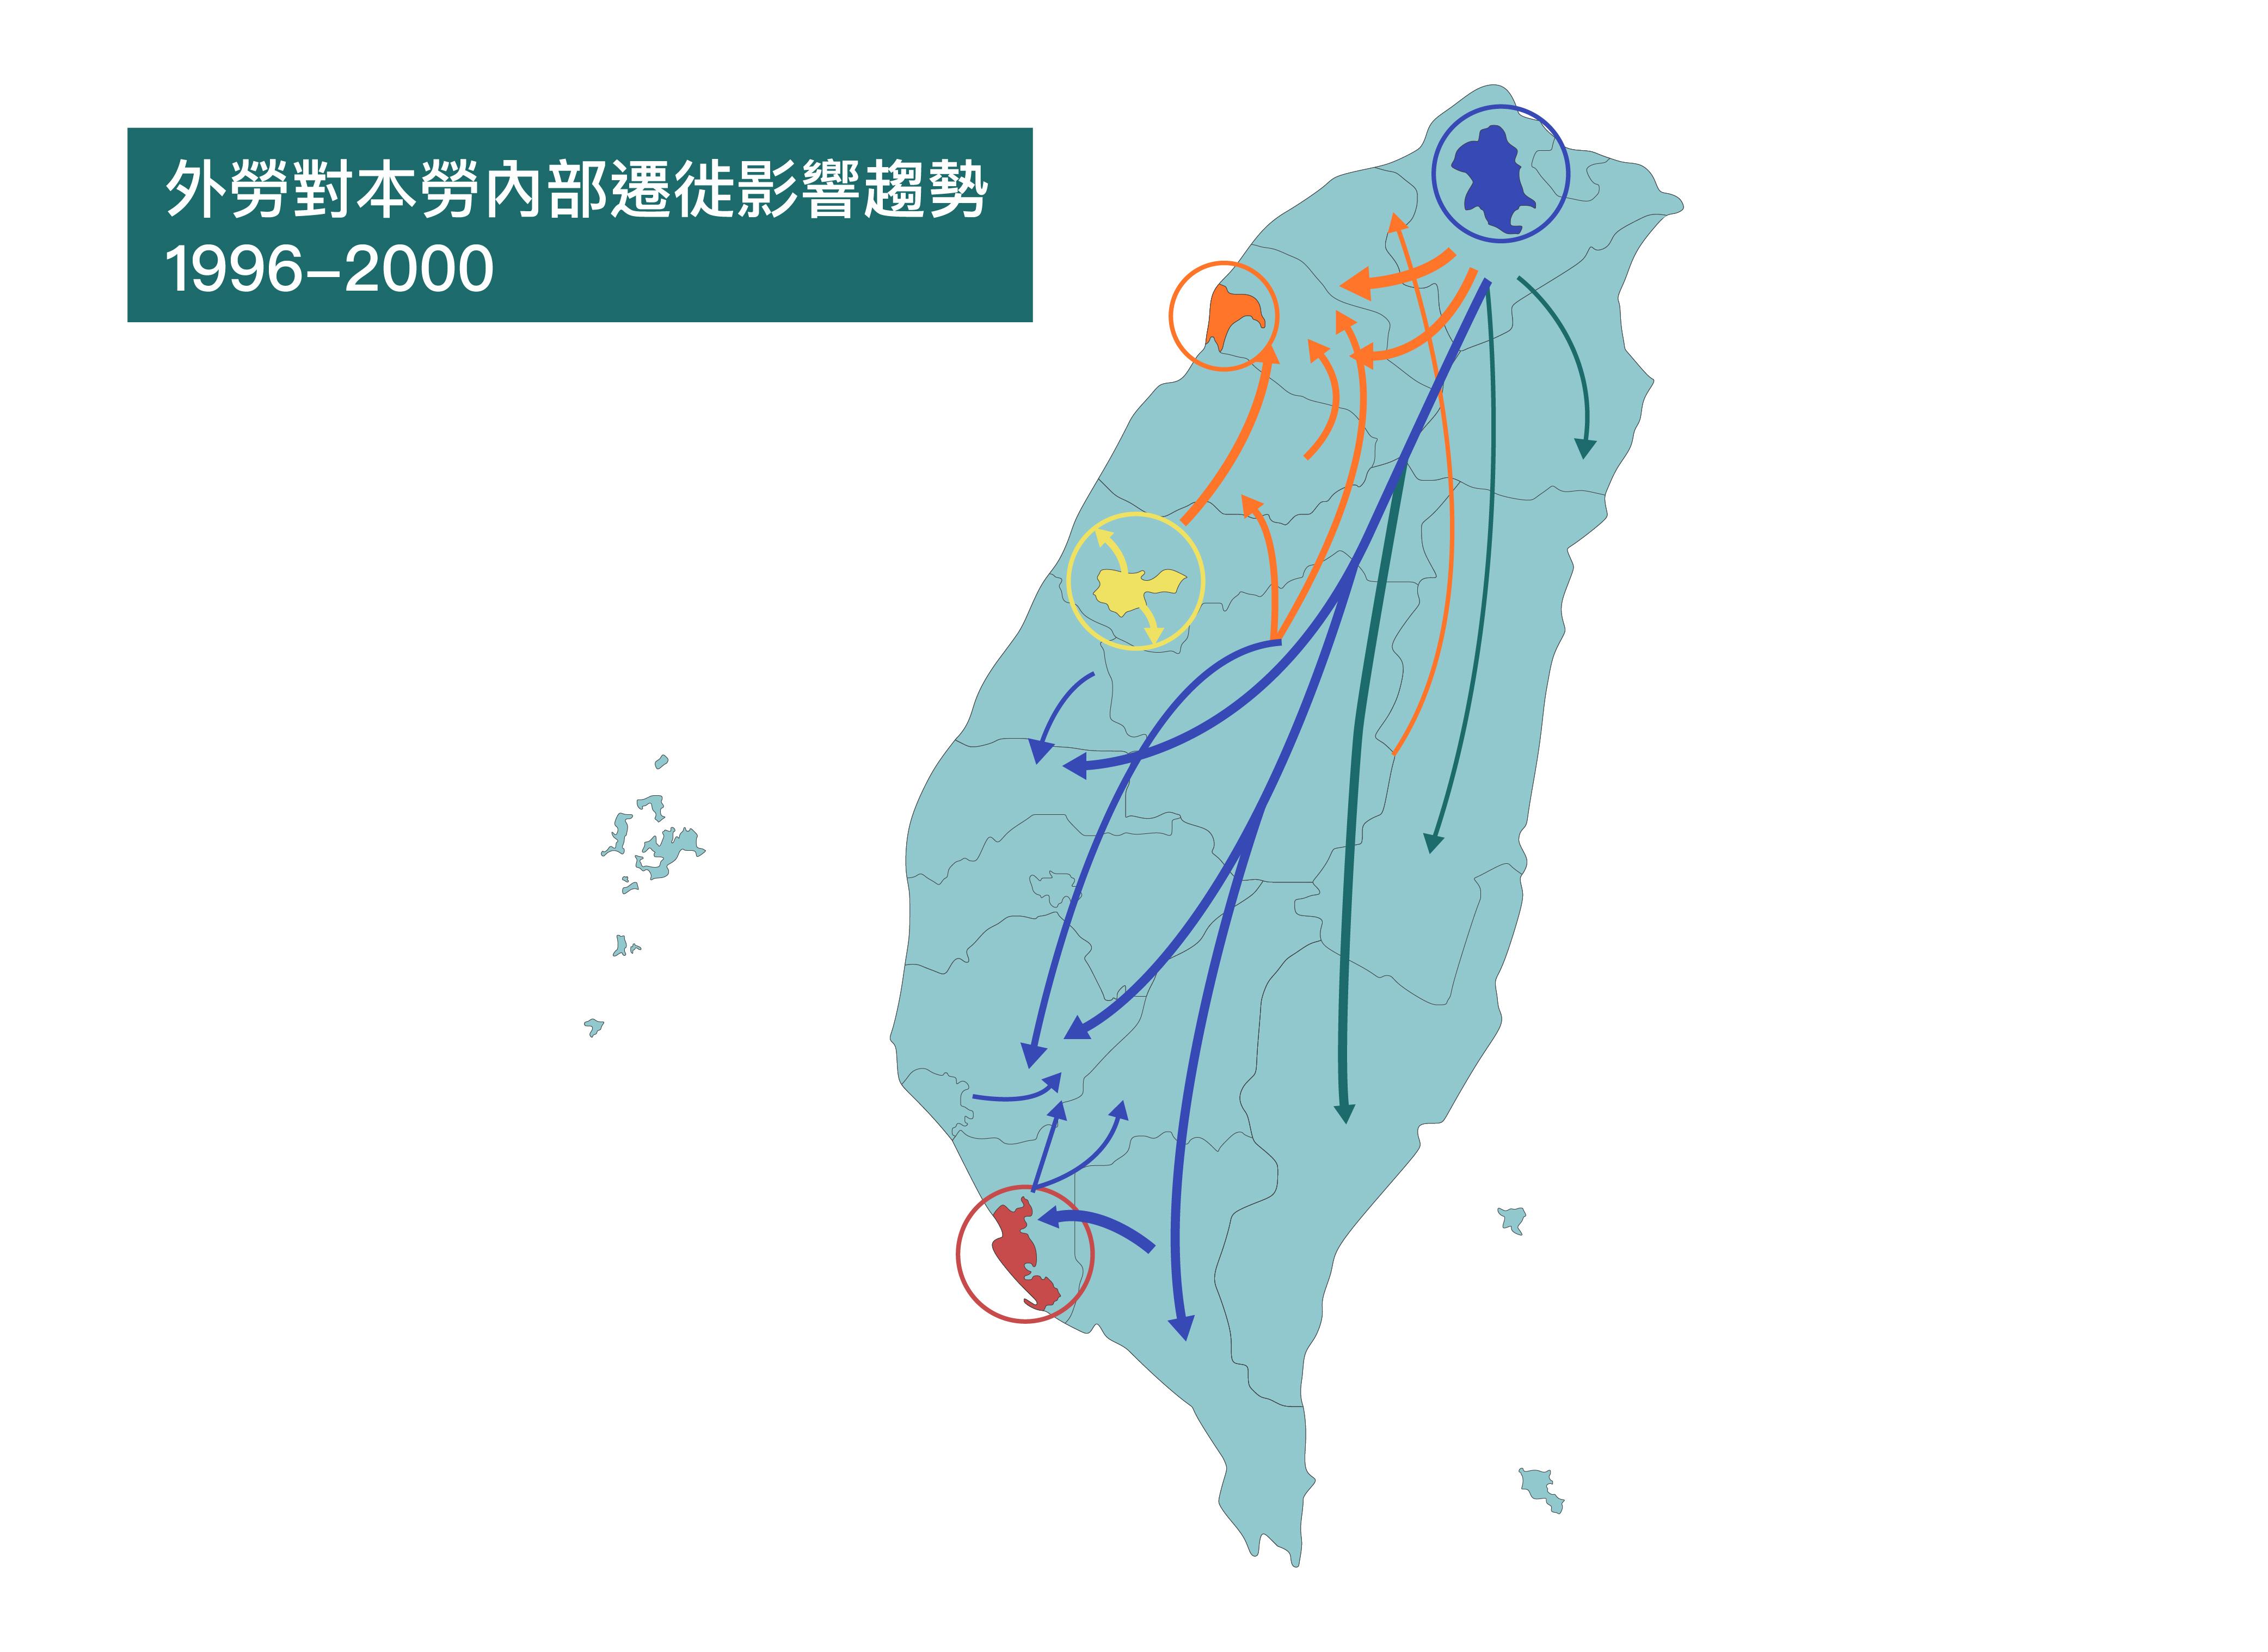 「人力運用擬-追蹤調查資料庫」分析結果顯示,1996-2000 年代,因外籍勞工遷入大臺北地區,本地勞工轉而遷徙至南部、東部找出路。 資料來源│林季平提供 圖說重製│張語辰